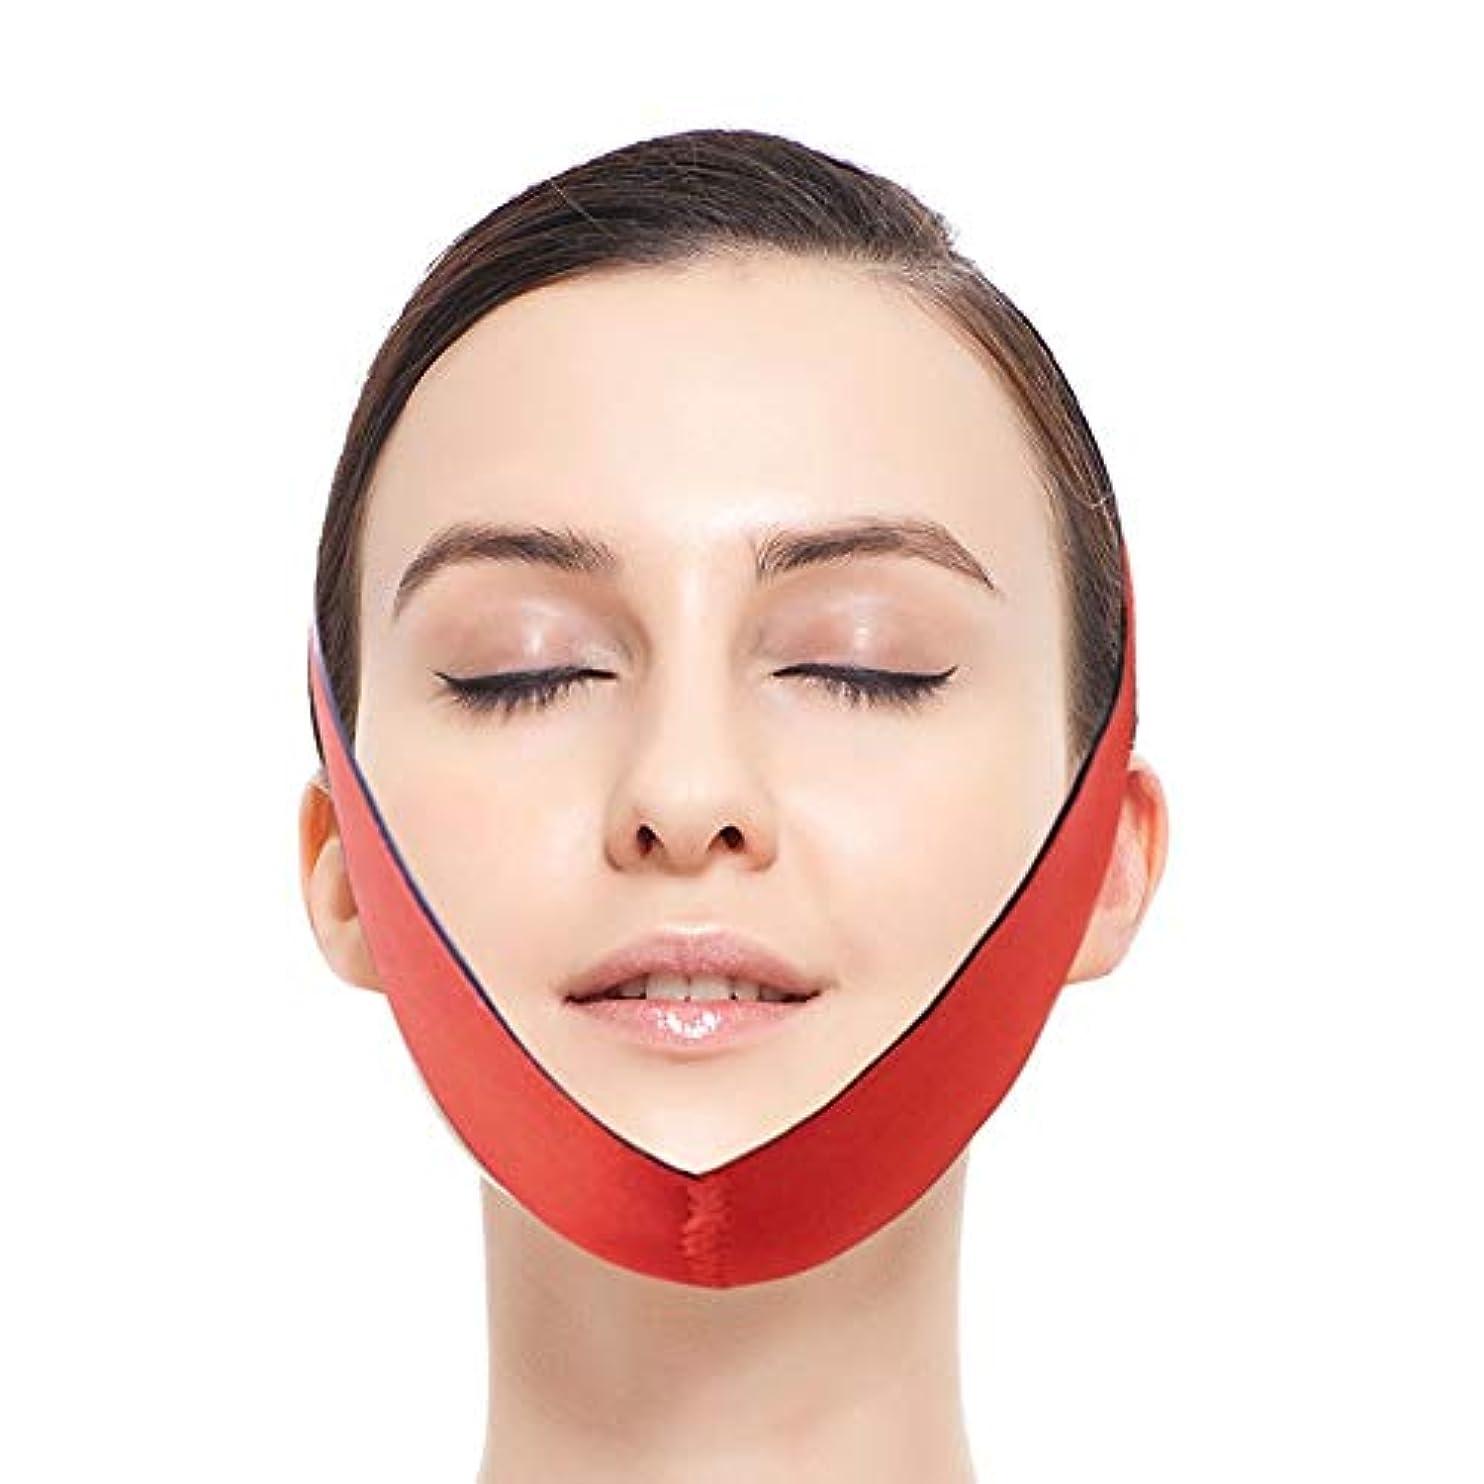 そこオリエンテーション形式フェイスリフティングアーティファクトVフェイス包帯マスクダブルあご引き締め顔薄い咬傷筋肉下顎矯正顔